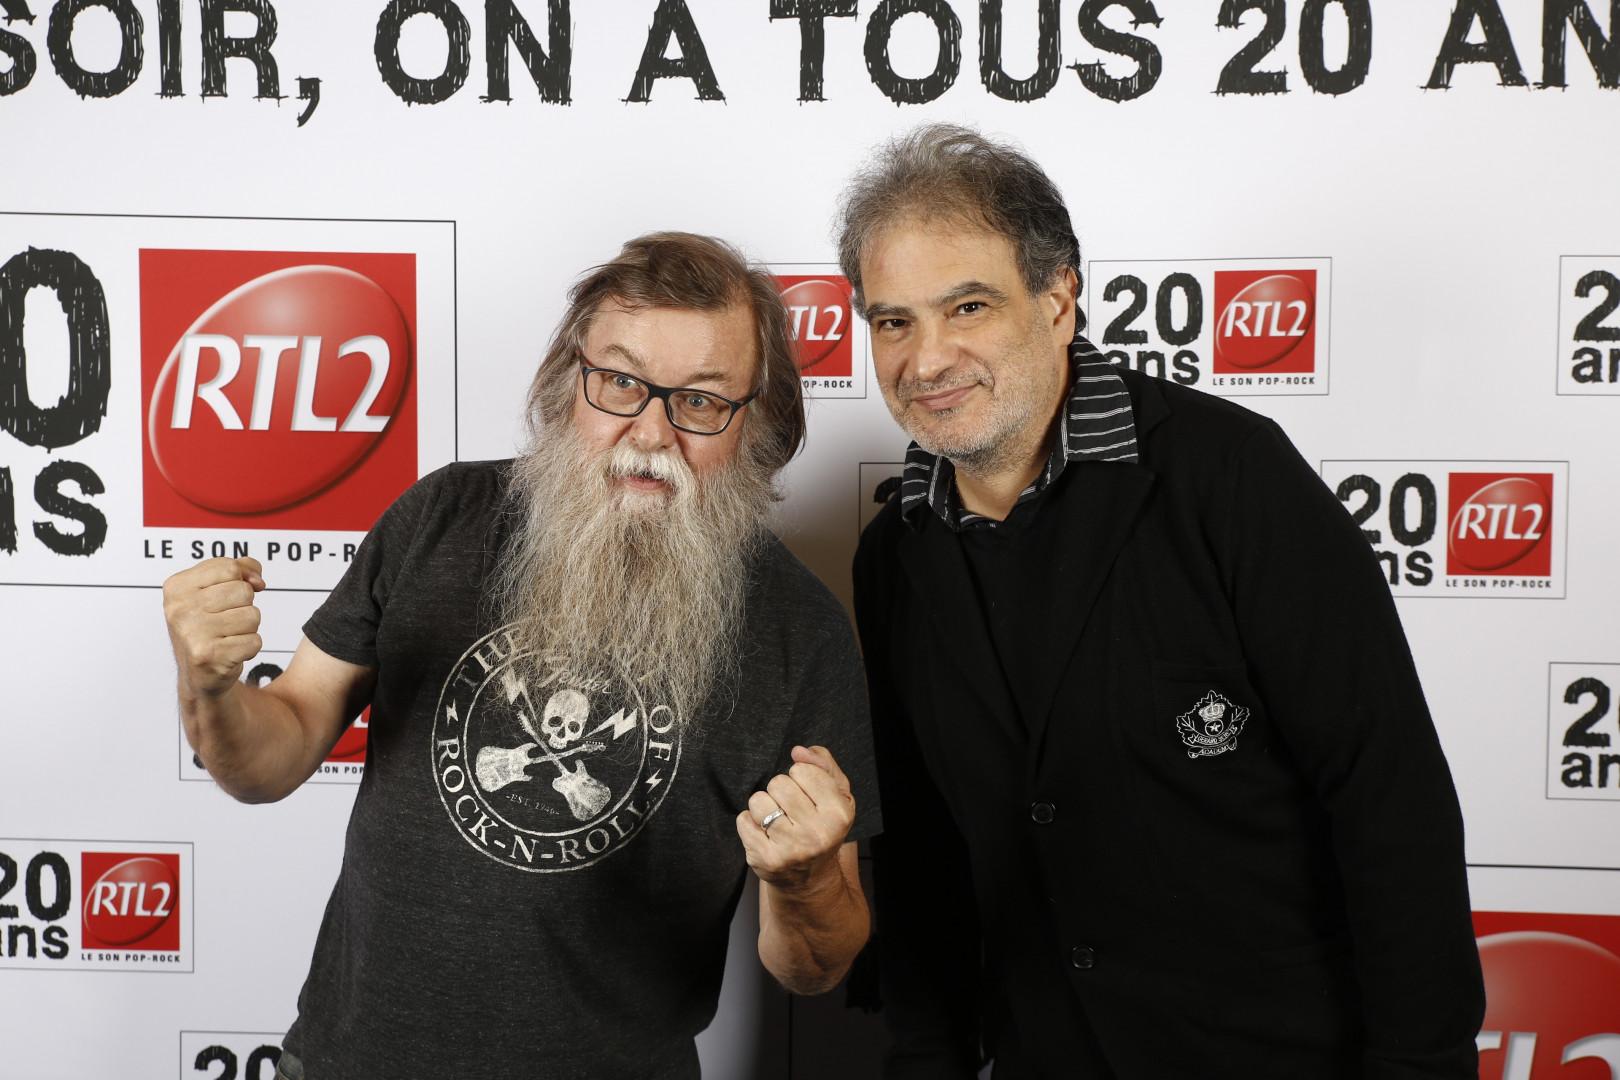 Francis Zegut et Raphael Mezrahi à la soirée des 20 ans de RTL2 à l'Olympia